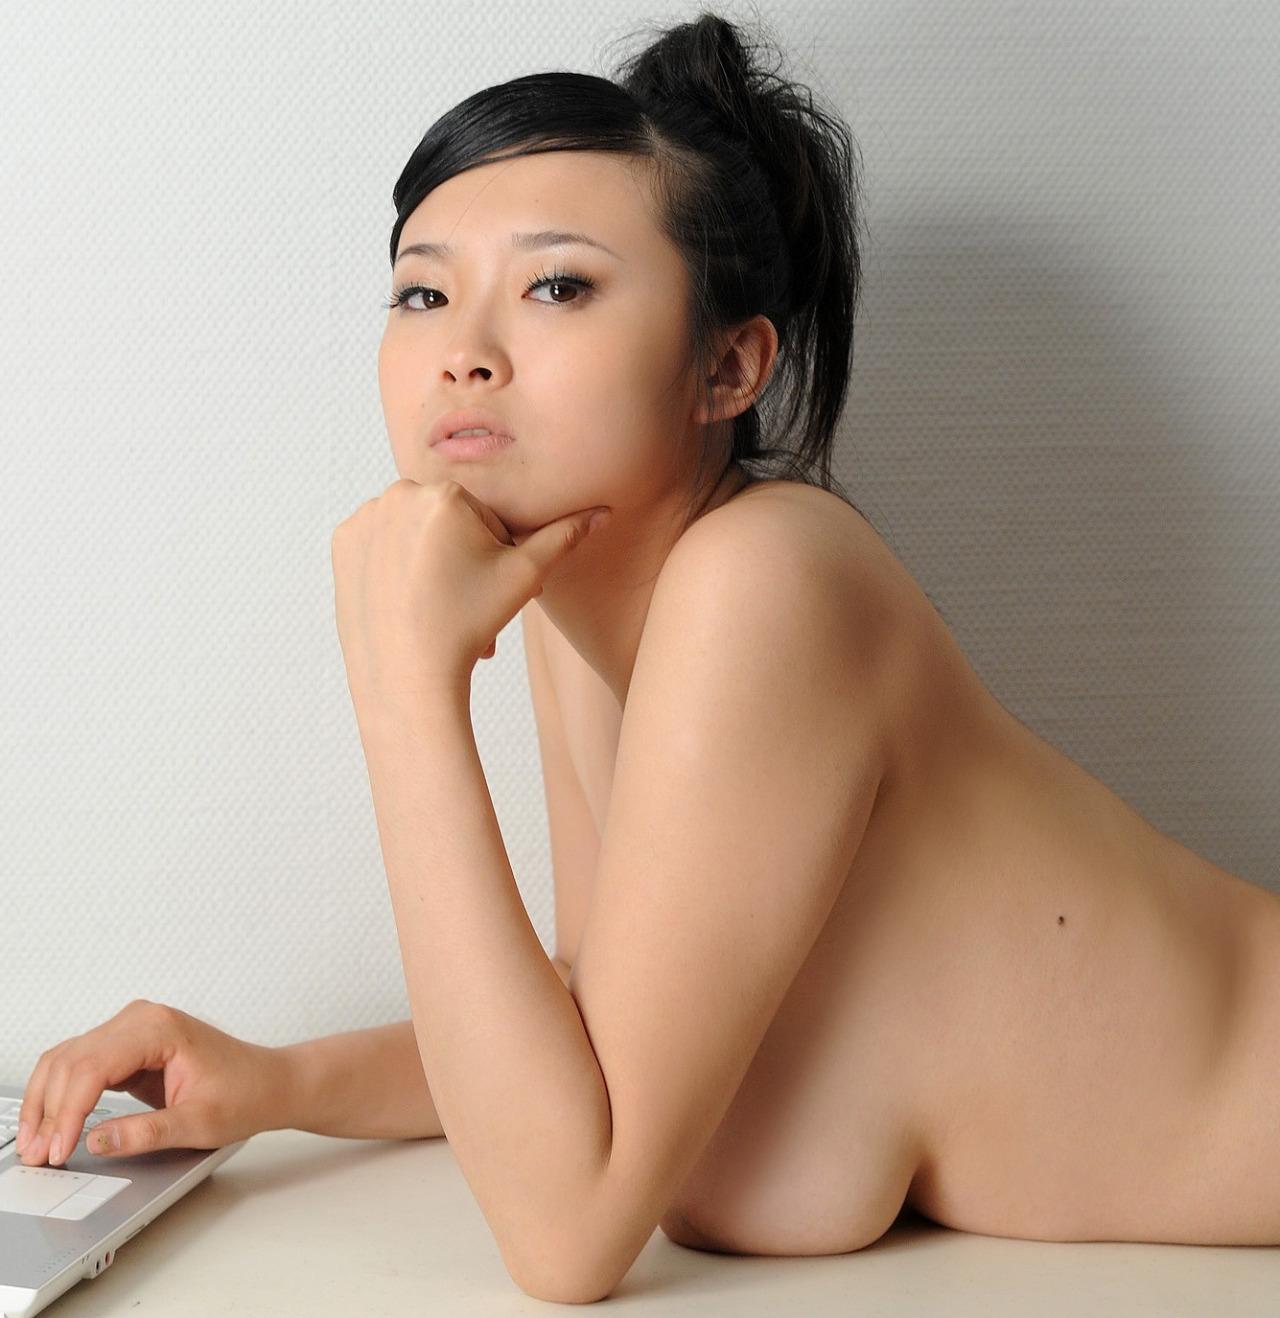 【海外エロ画像】西洋に負けない絶品ボディ!アジア各国の美乳ビューティーwww 30